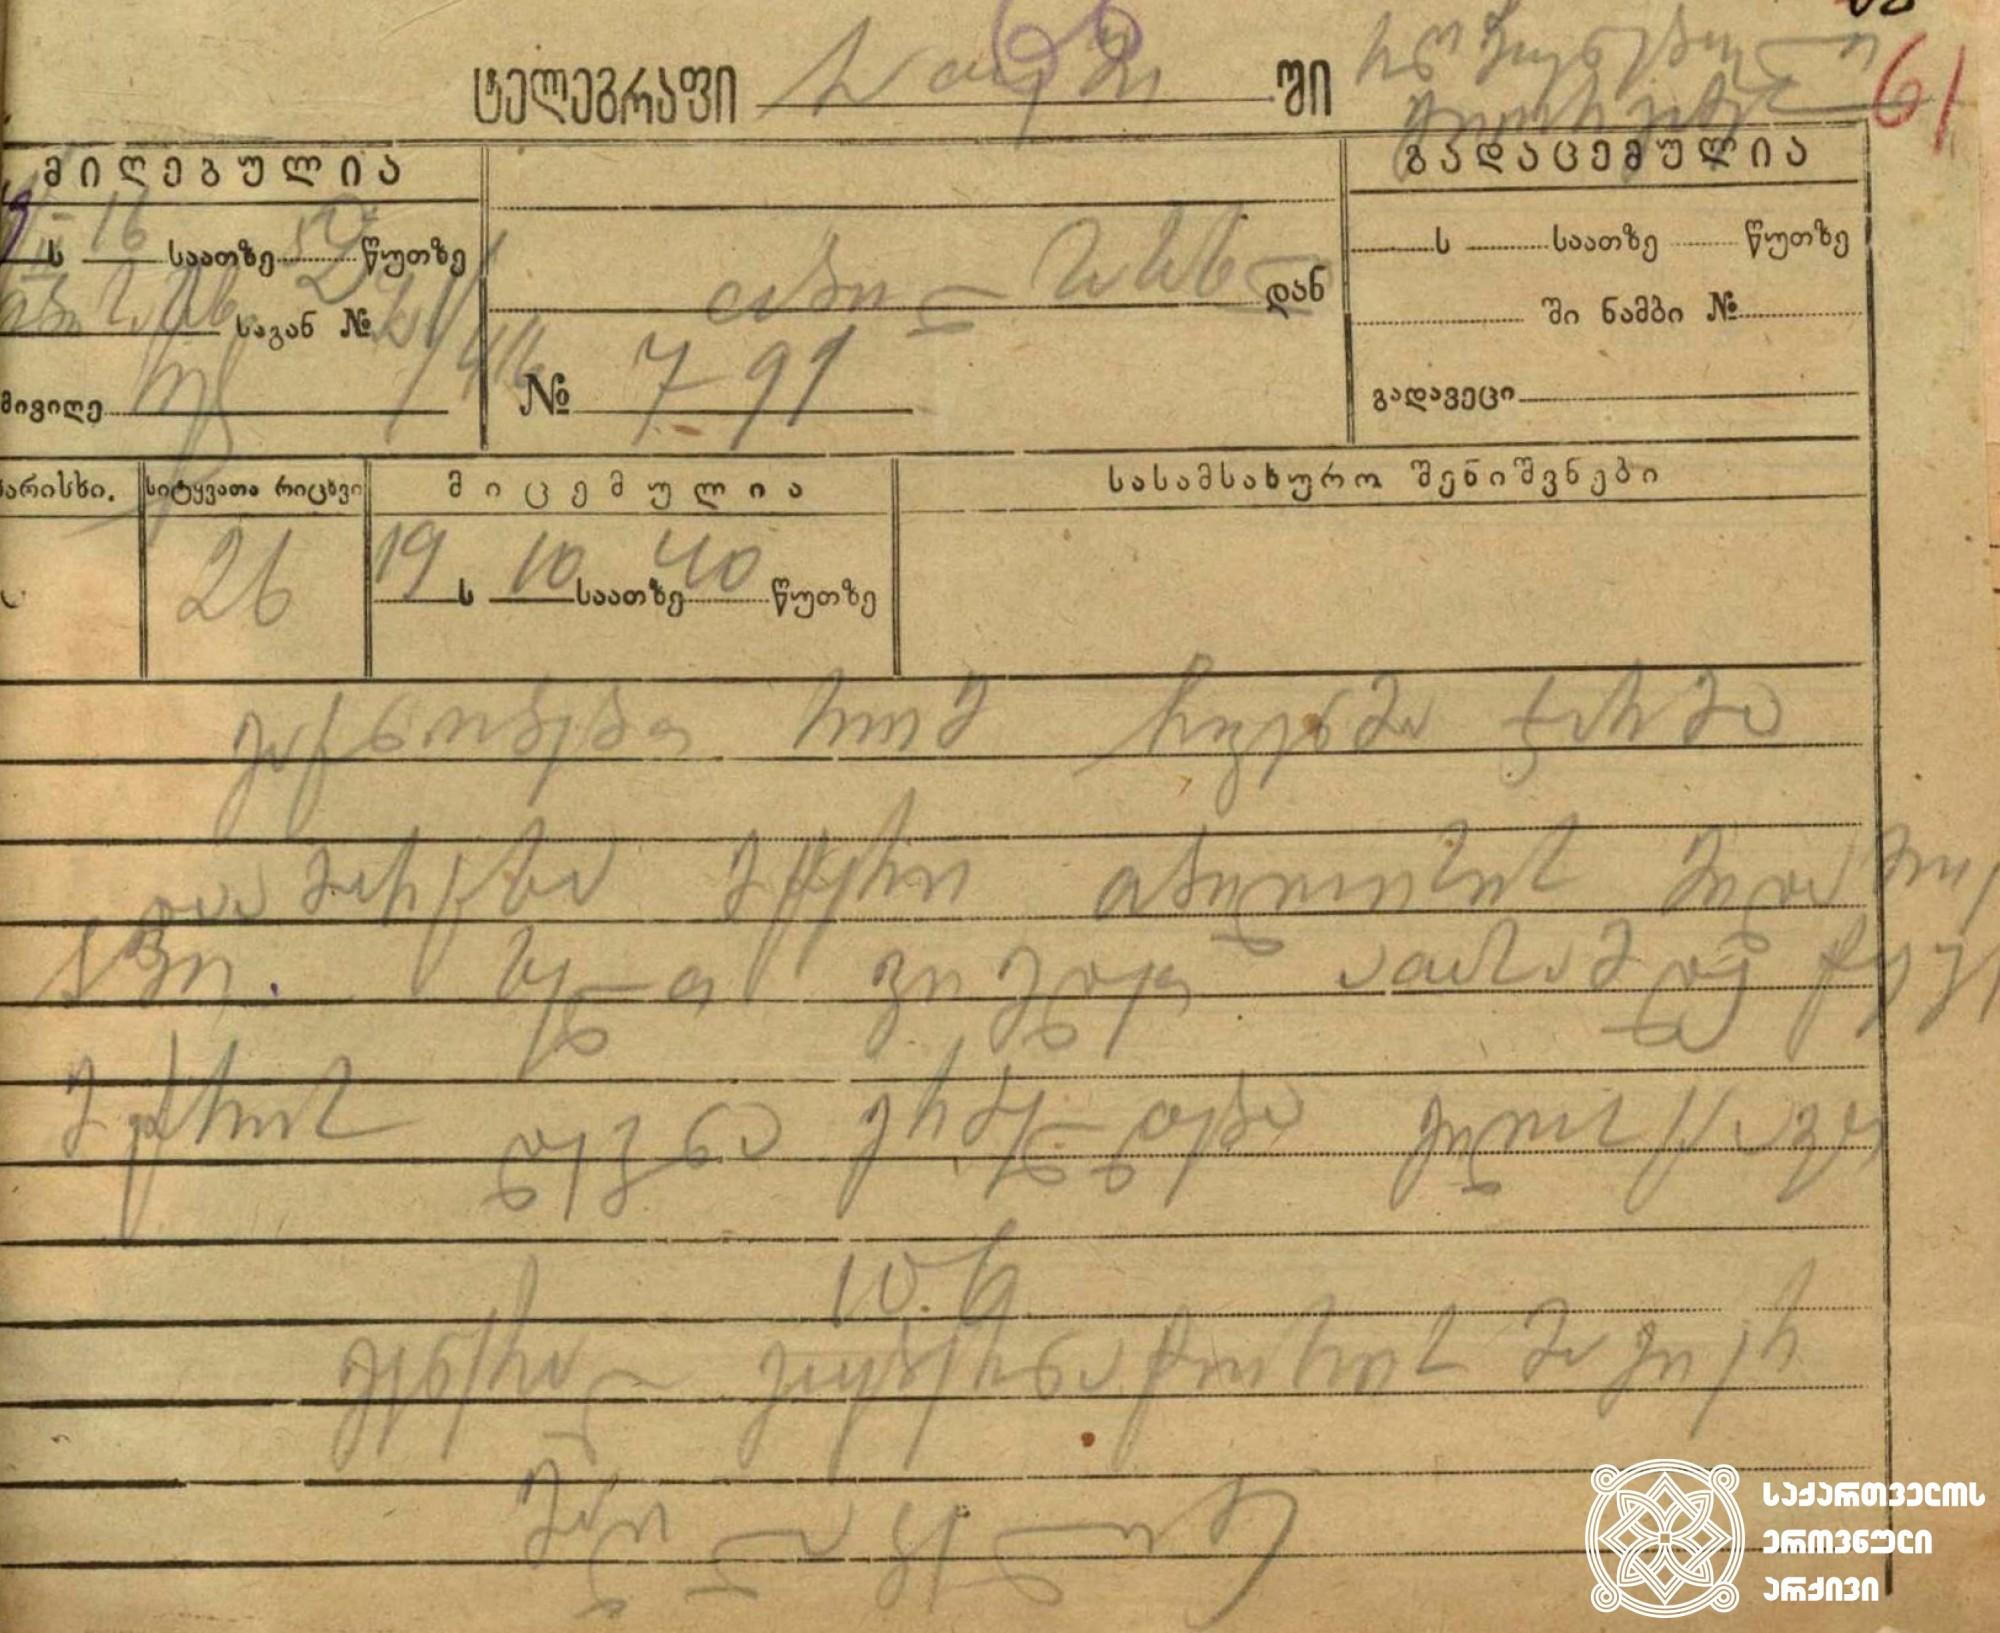 თბილისის გენერალ-გუბერნატორის მოადგილის შალვა მაღლაკელიძის მიერ ბათუმის ოლქში მთავრობის რწმუნებულ გრიგოლ გიორგაძესთან გაგზავნილი სატელეგრაფო შეტყობინება - 19 თებერვალ ქართული ჯარის მიერ მოწინააღმდეგის დამარცხებისა და ტყვეების აყვანის შესახებ. <br> 1921 წლის 19 თებერვალი. <br> A telegram sent by the Deputy Governor-General of Tbilisi, Shalva Maghlakelidze to the Government Representative in the Batumi District, Grigol Giorgadze, about the defeat of the enemy by the Georgian army on February 19 and taking of the captives. <br> February 19, 1921.